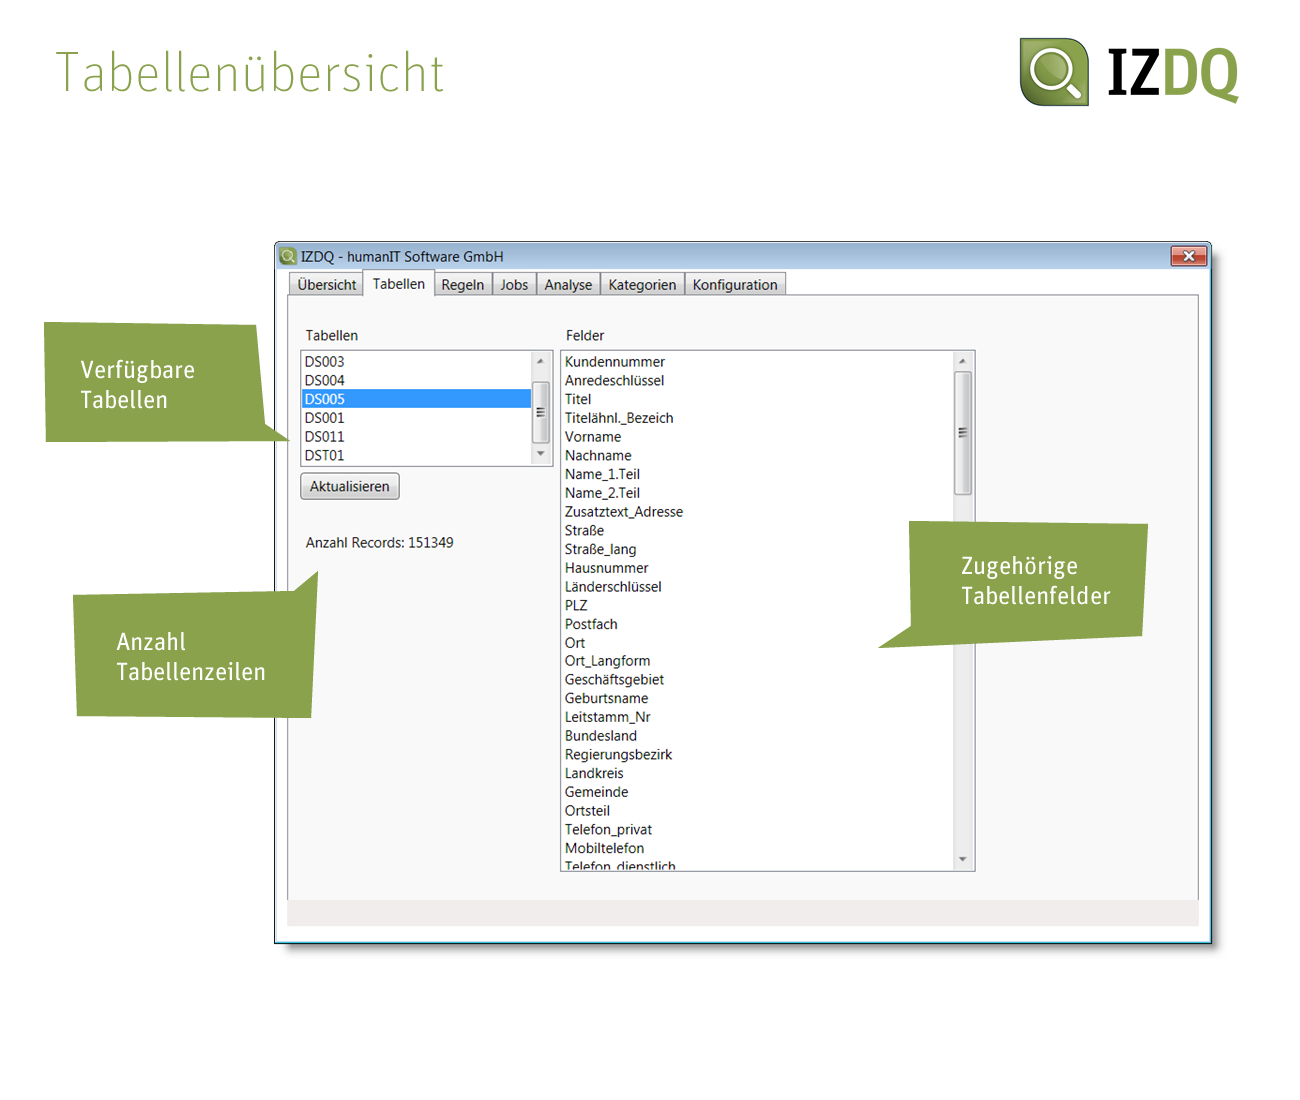 Screenshot IZDQ Tabellenübersicht